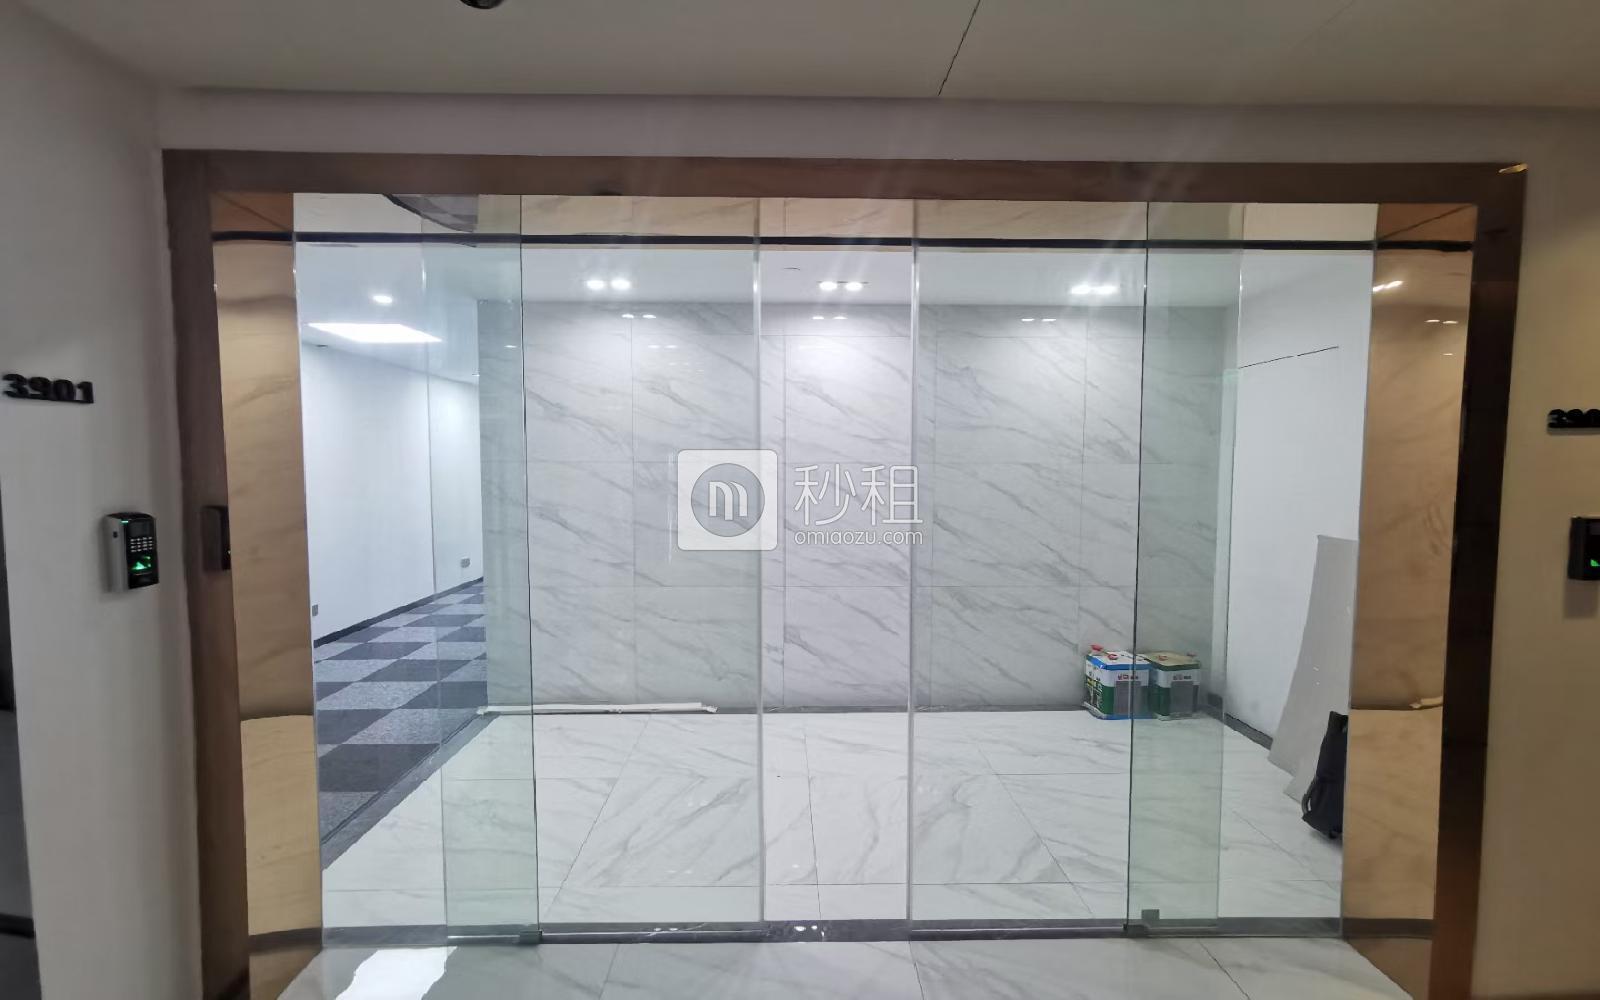 南山-南头 田厦国际中心(田厦金牛广场) 198m²